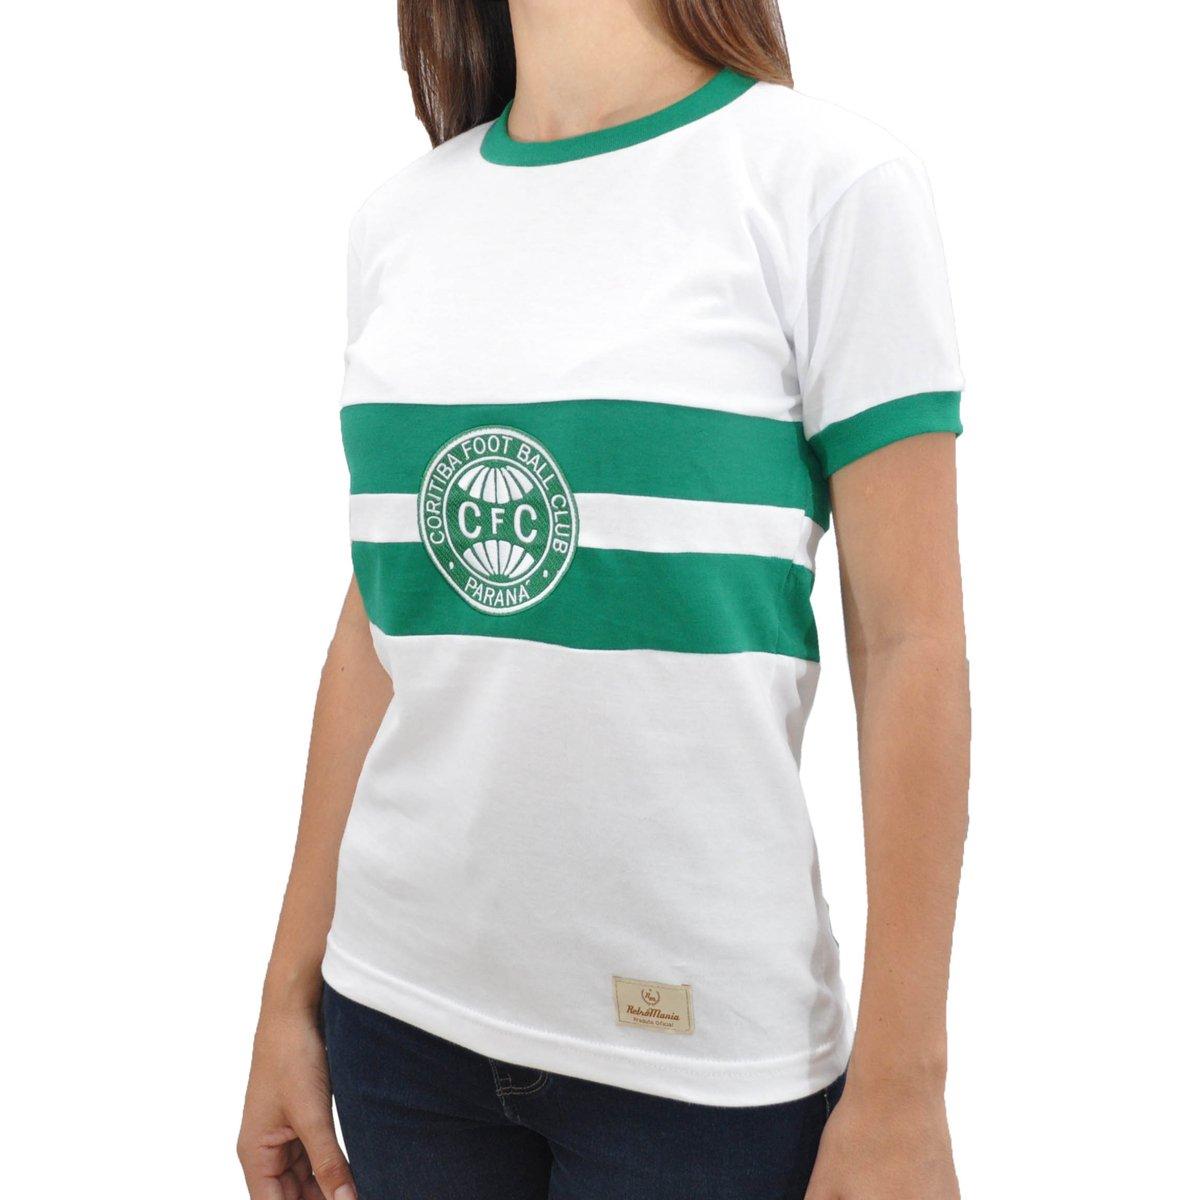 Camisa Camisa 1976 Branco Feminina Retrô Mania Retrô Coritiba r4xpSqrU